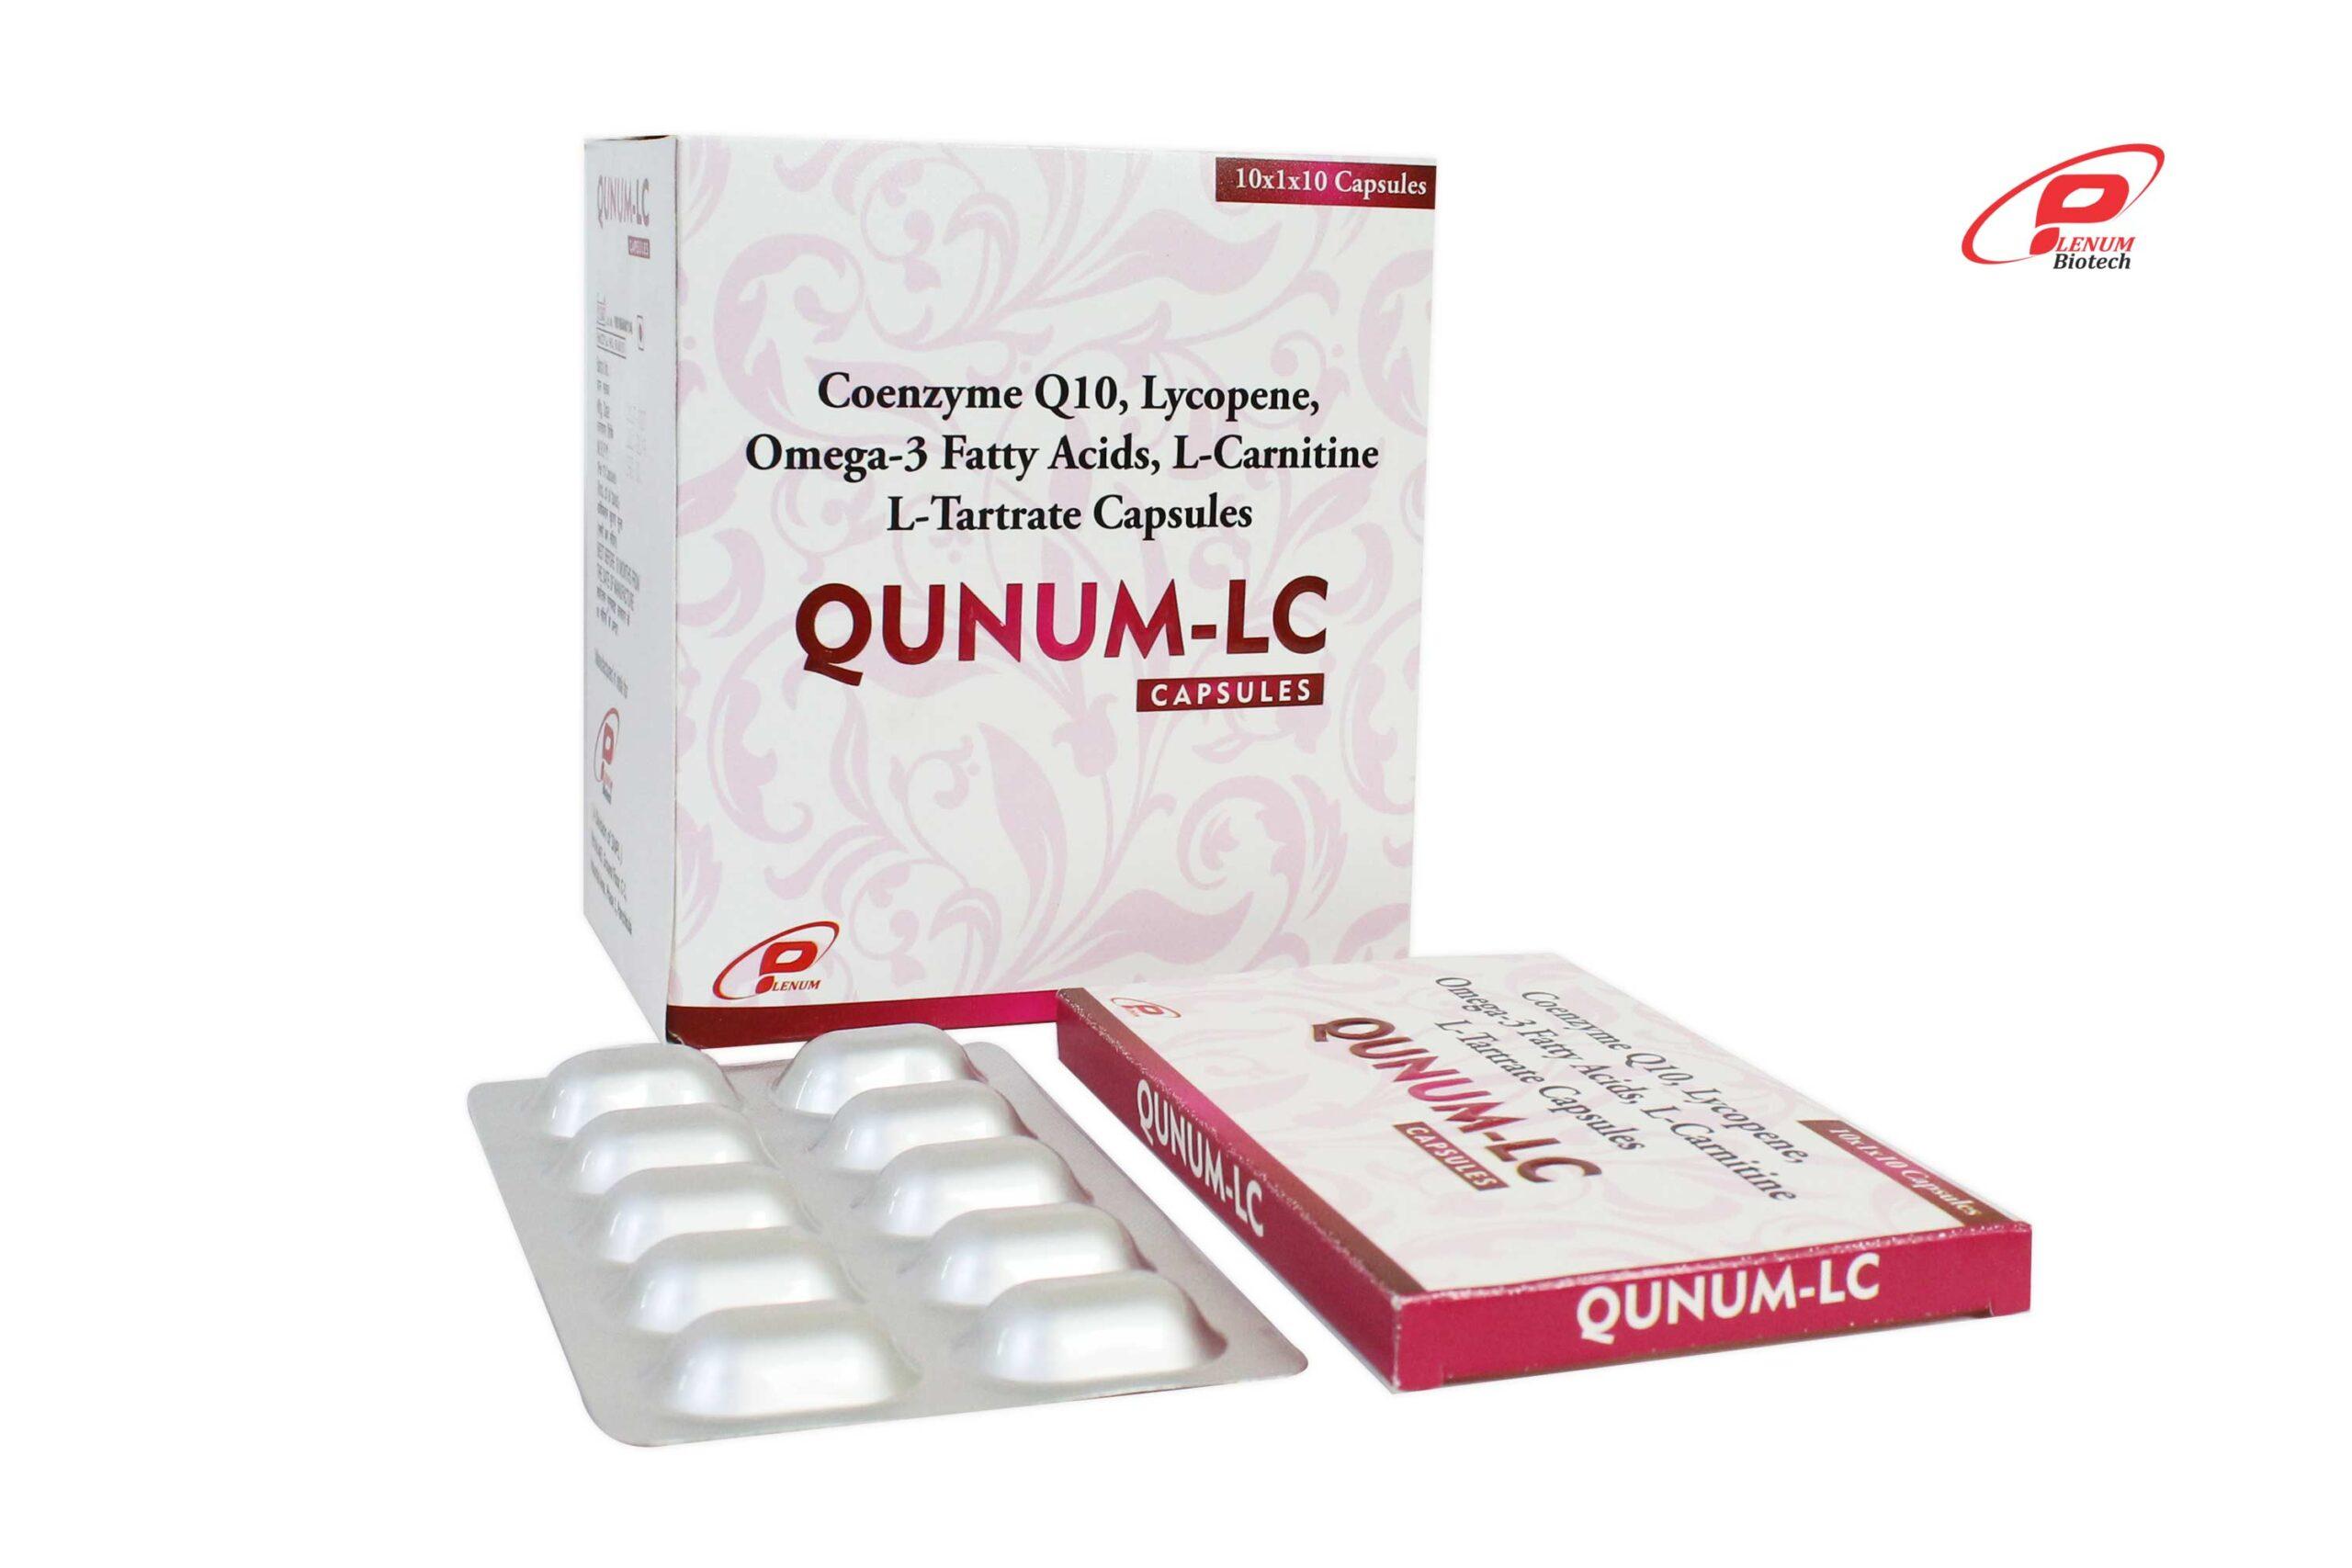 Qunum-LC